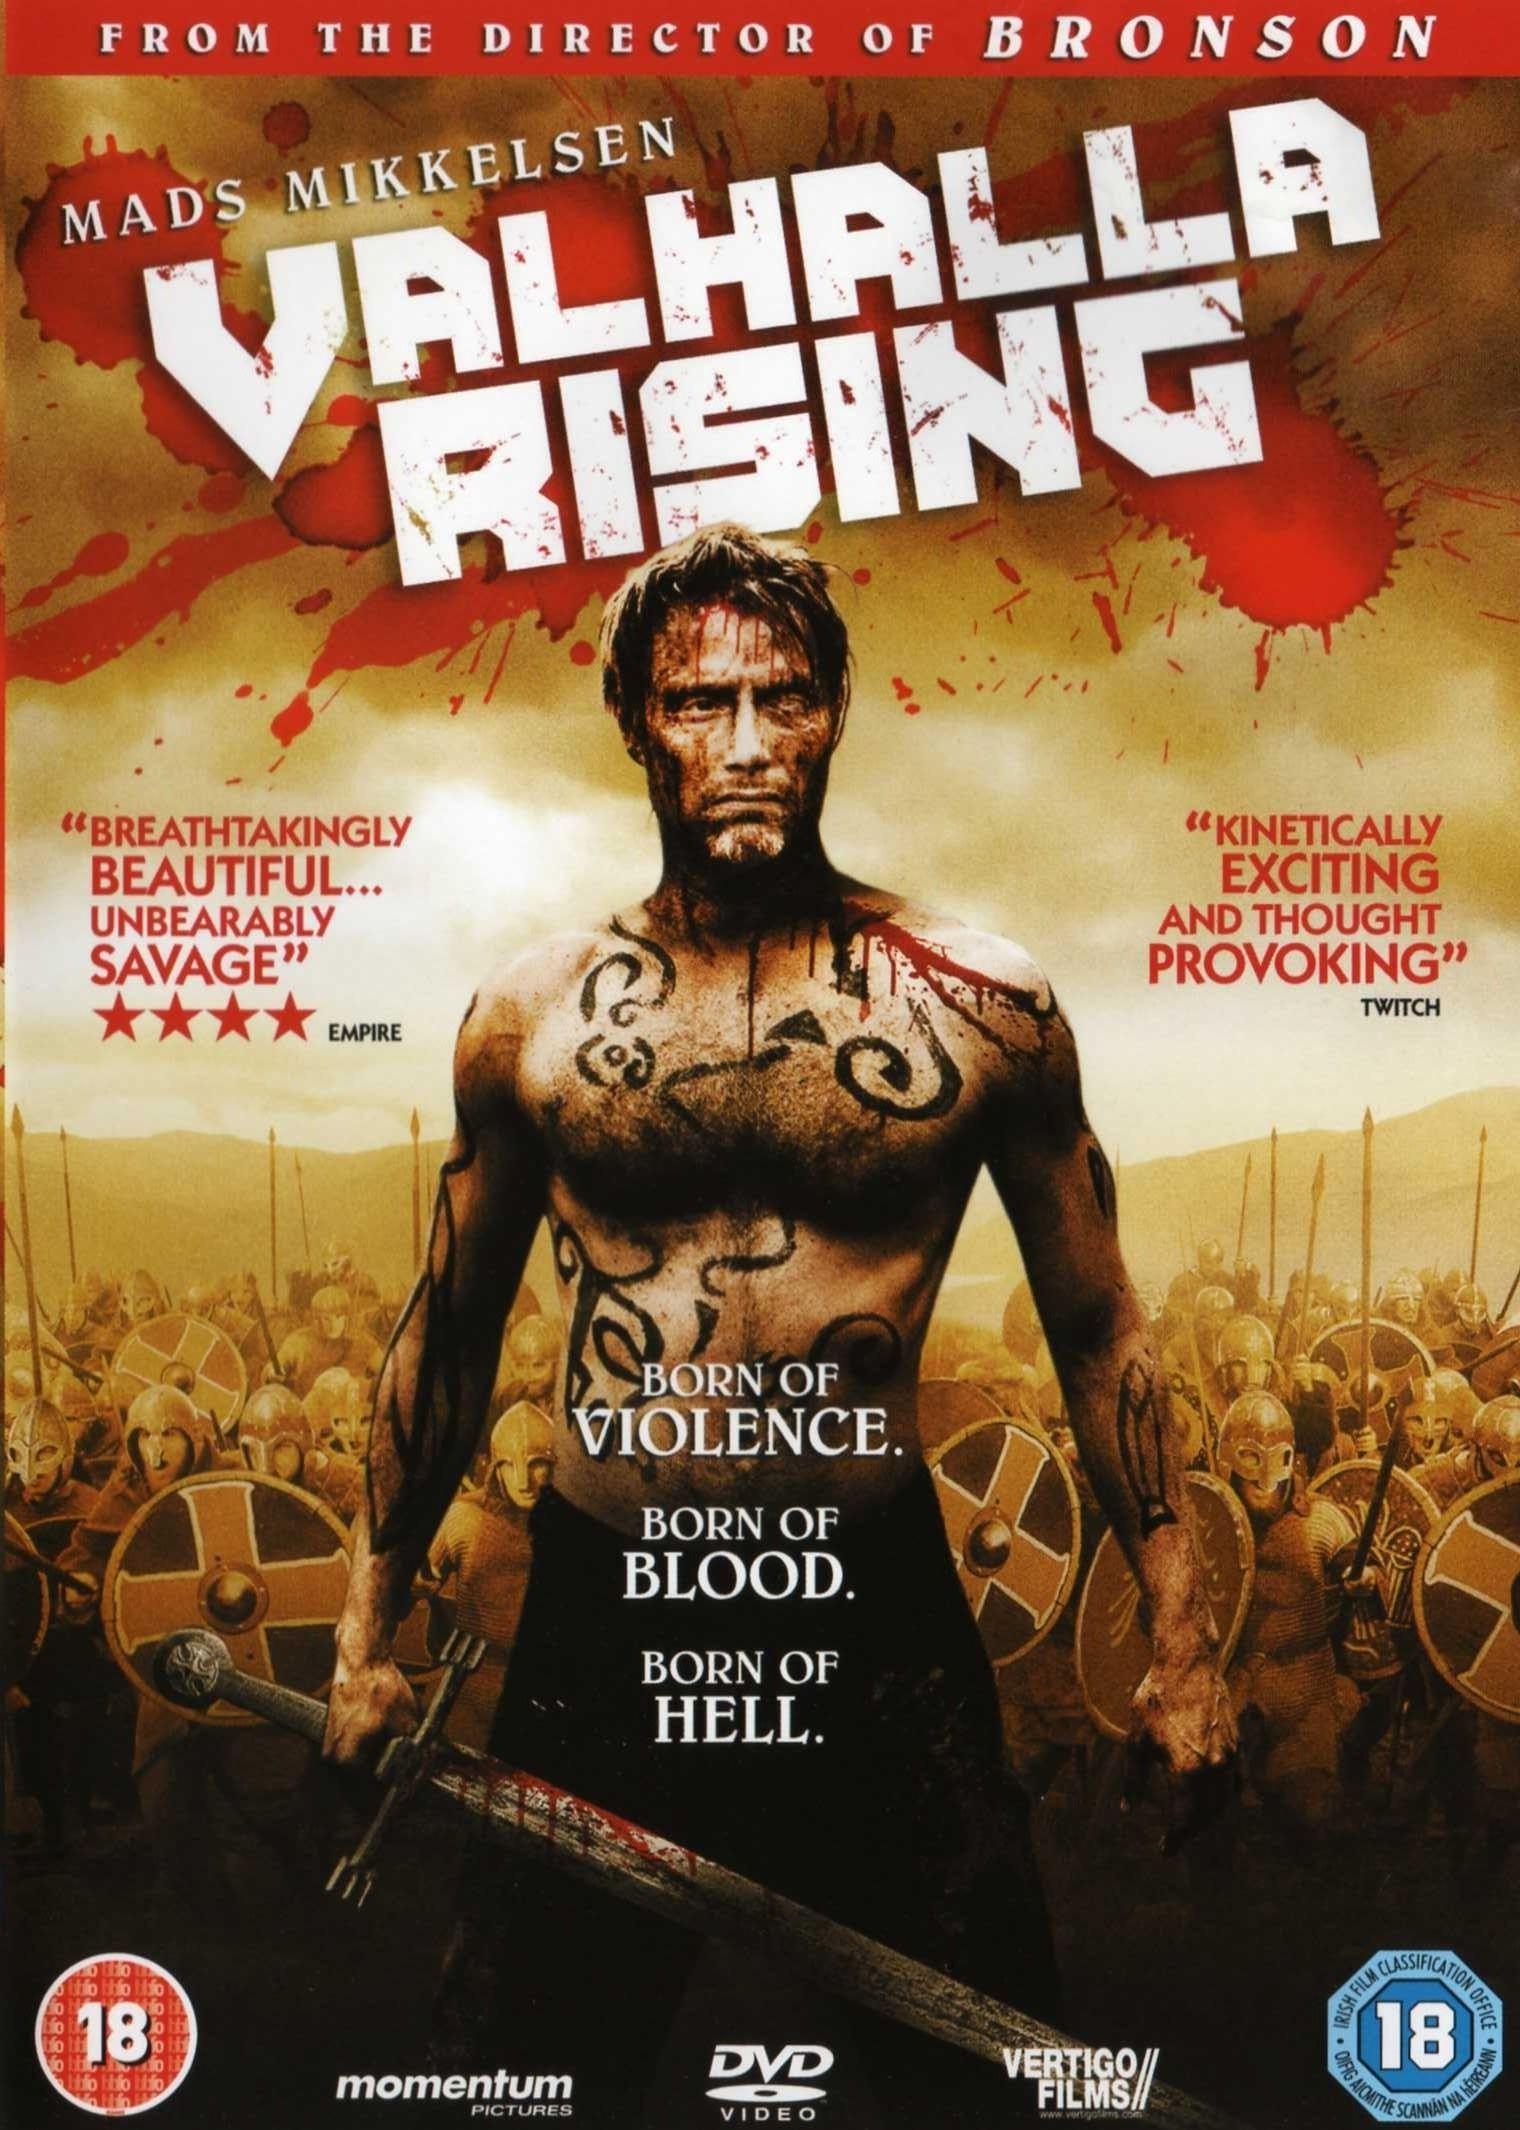 valhalla rising blinkbox 99p rental valhalla rising